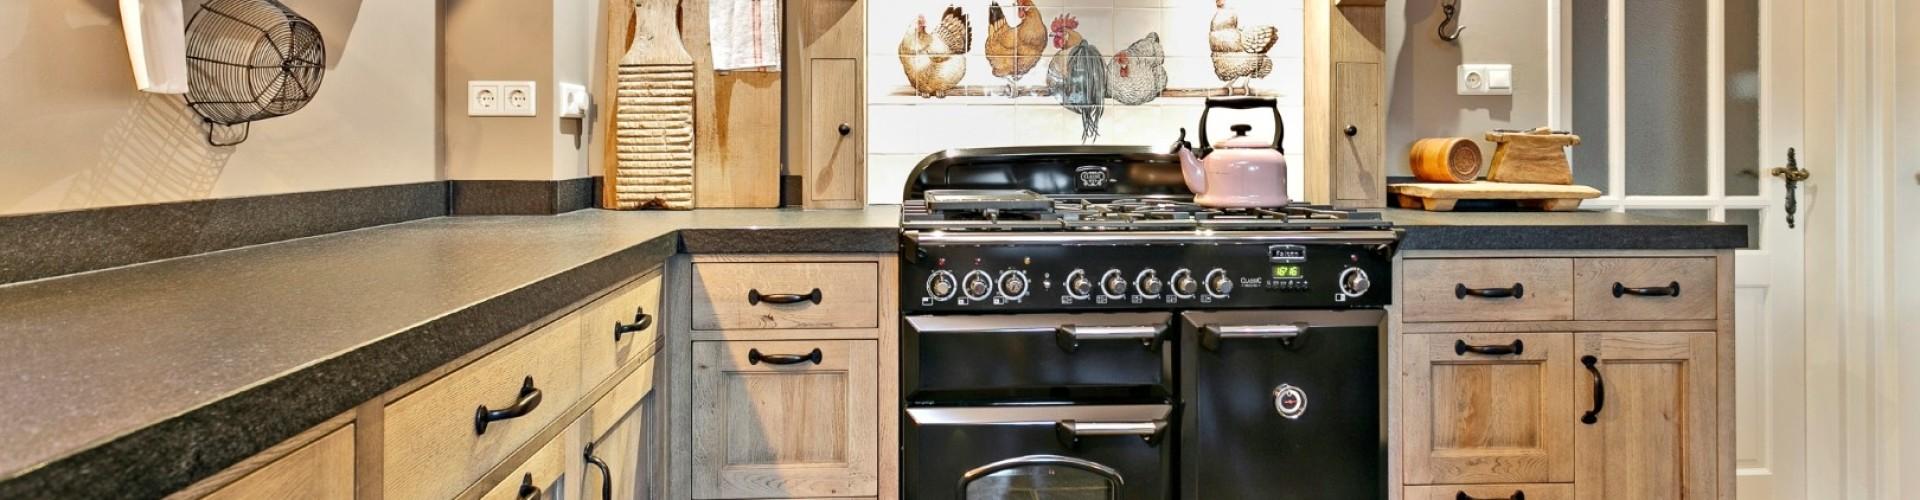 Eiken keuken in landelijke stijl